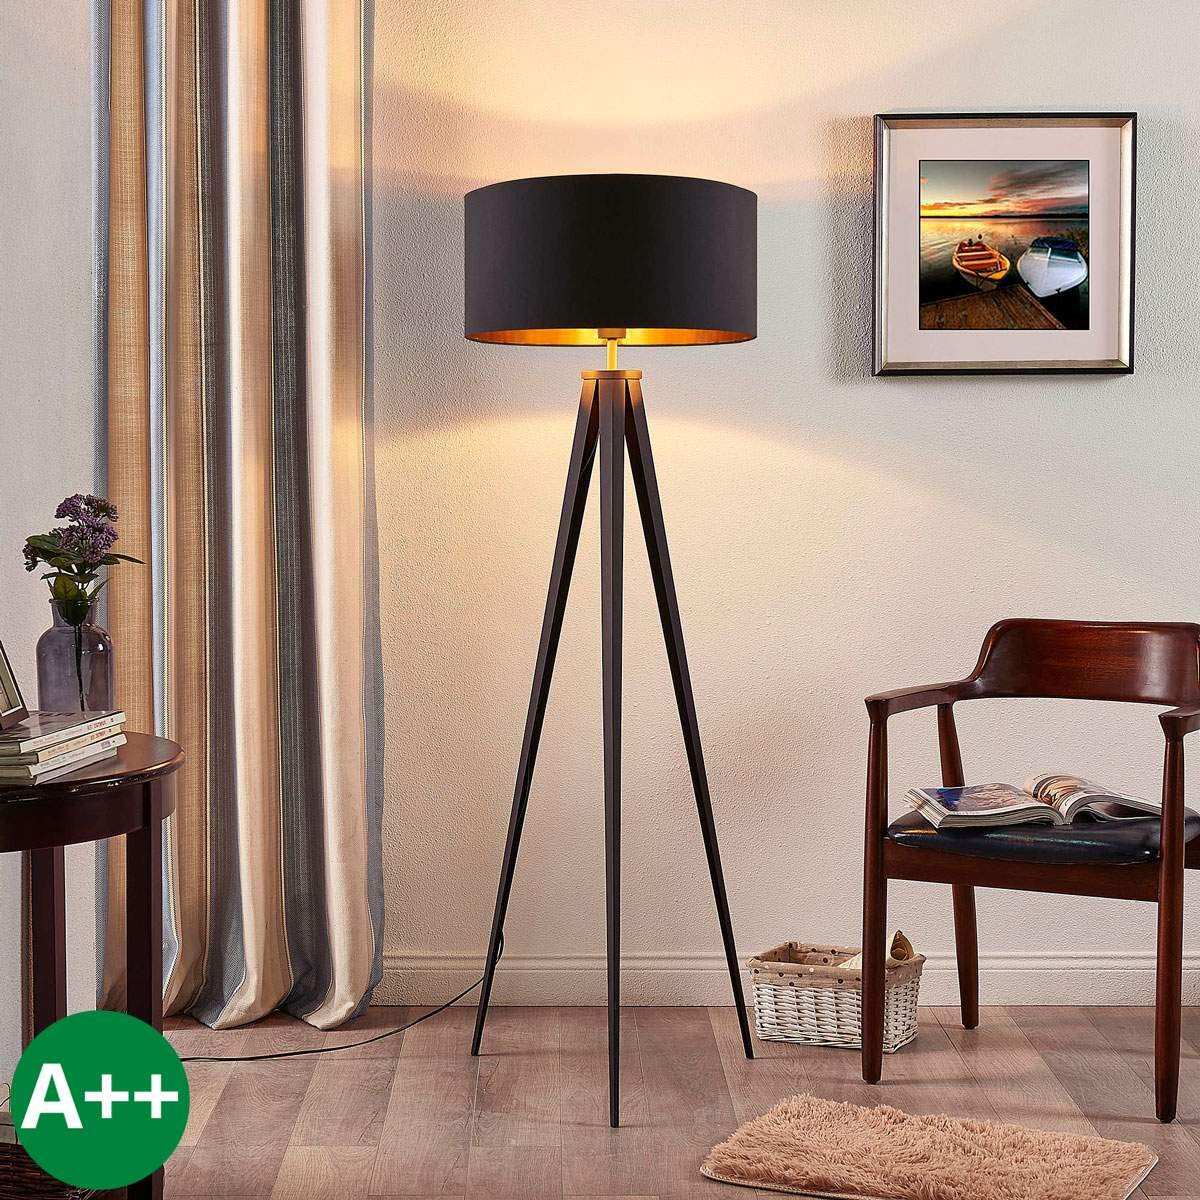 Lampenwelt Dreibein Stehlampe 'Benik' (Modern) in Schwarz aus Textil u.a. für Wohnzimmer & Esszimmer (1 flammig, E27, A++) | Stehleuchte, Floor Lamp, Standleuchte, Wohnzimmerlampe, Tripod